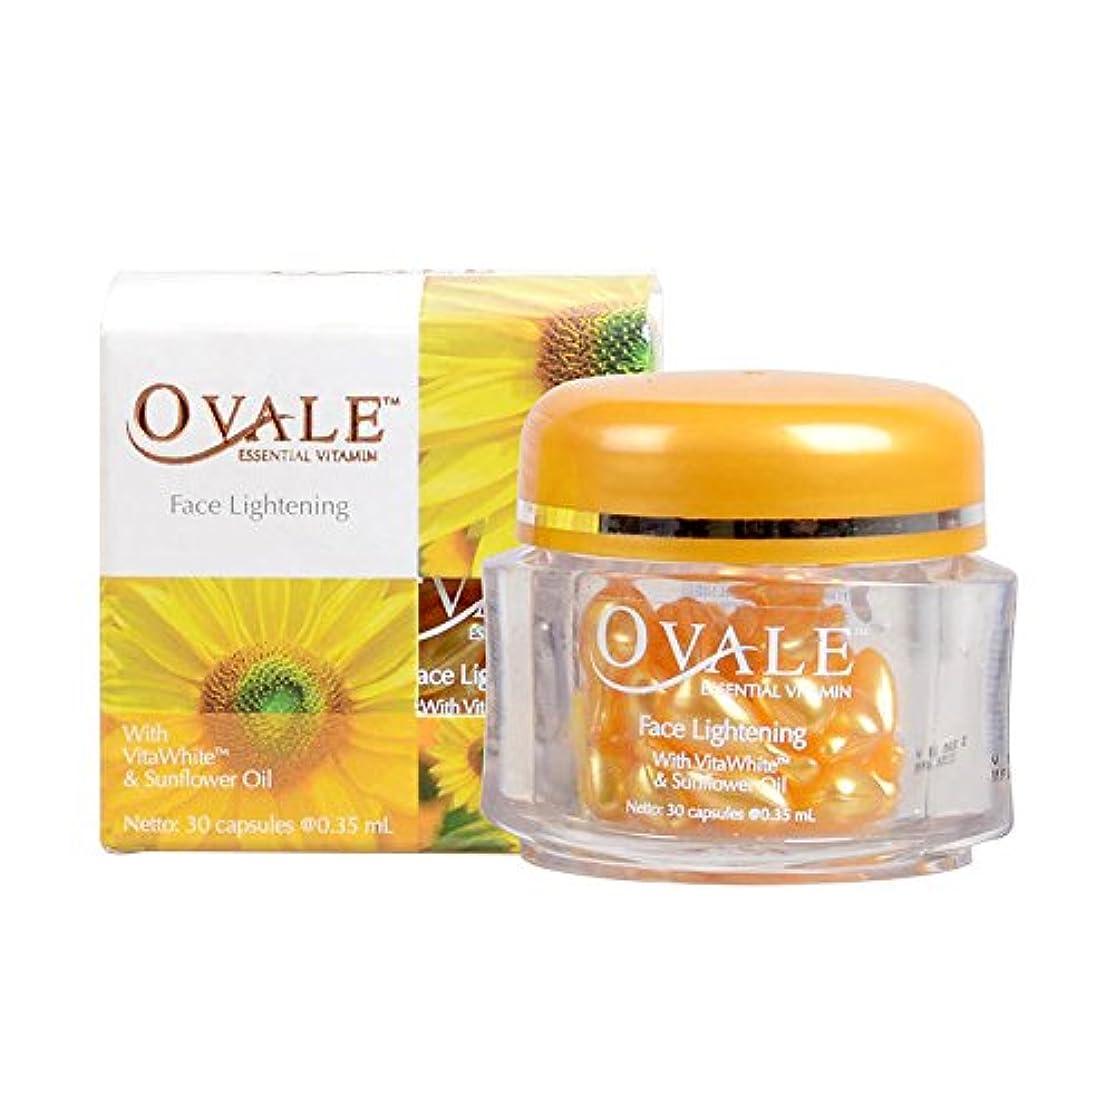 デュアル未使用馬鹿げたOvale オーバル フェイスビタミン essential vitamin 30粒入ボトル サンフラワー バリ島 bali [海外直送品]